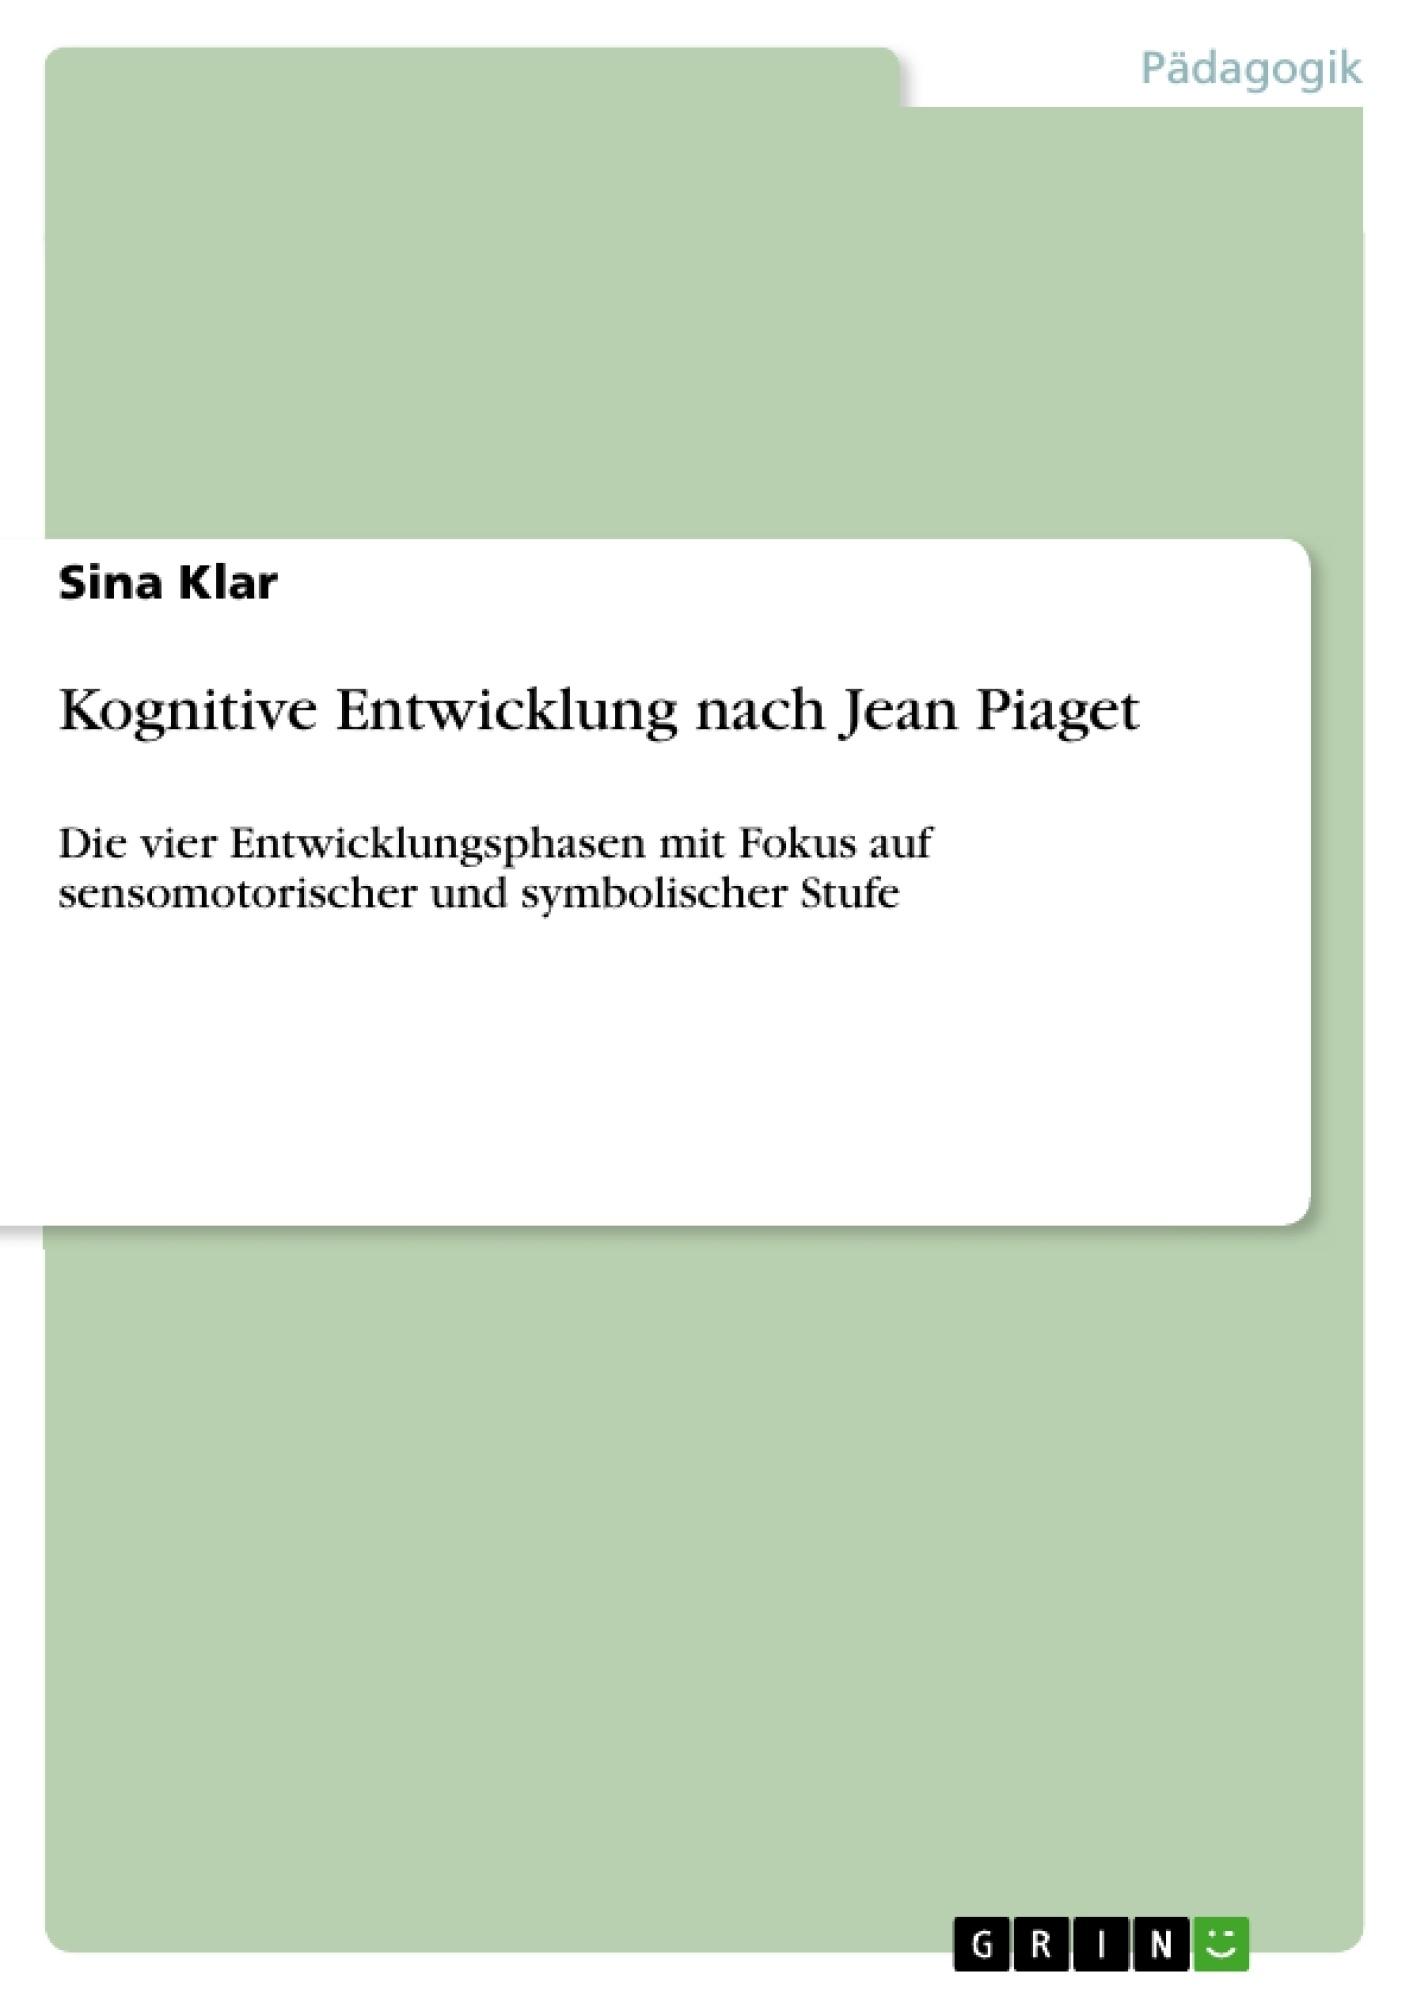 Titel: Kognitive Entwicklung nach Jean Piaget